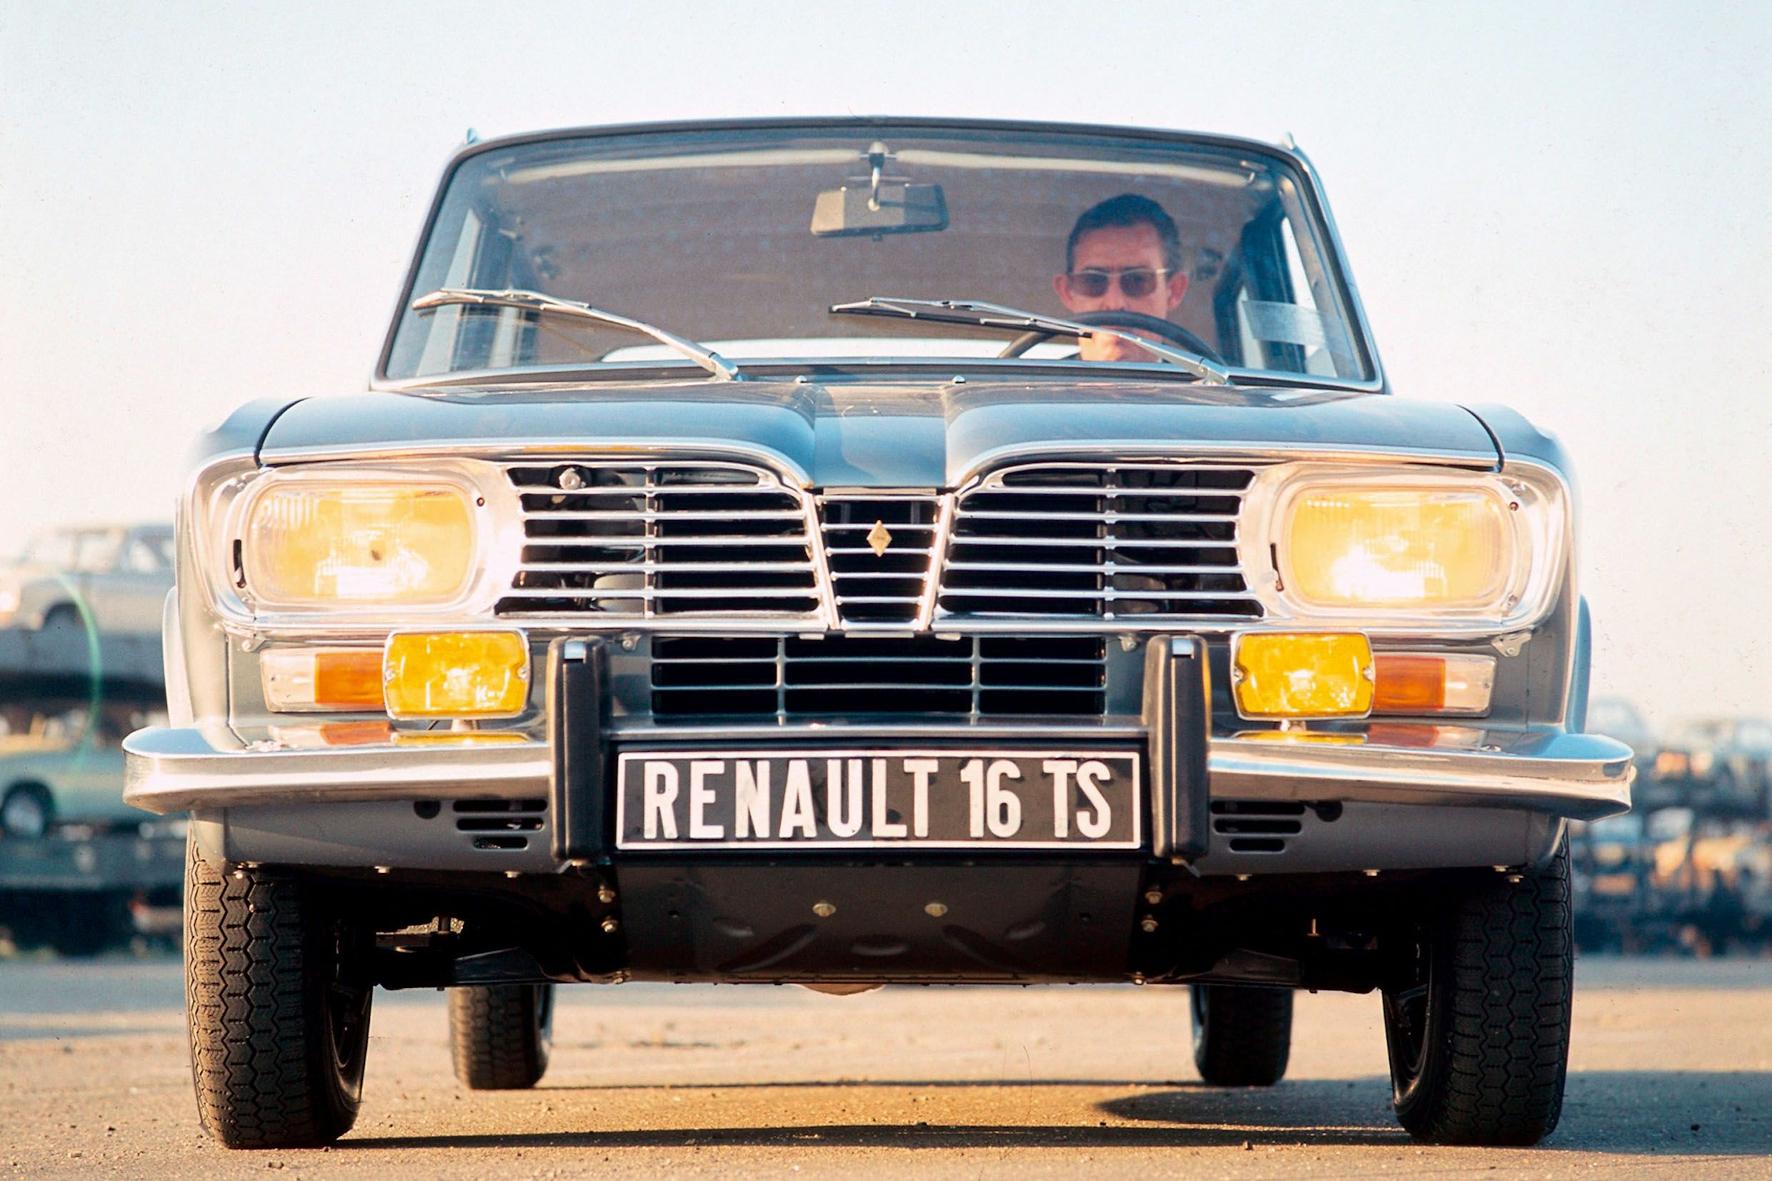 Ein Erfolgstyp aus Frankreich: Der Renault 16 feierte im März 2020 seinen 55. Geburtstag. © Renault / TRD mobil